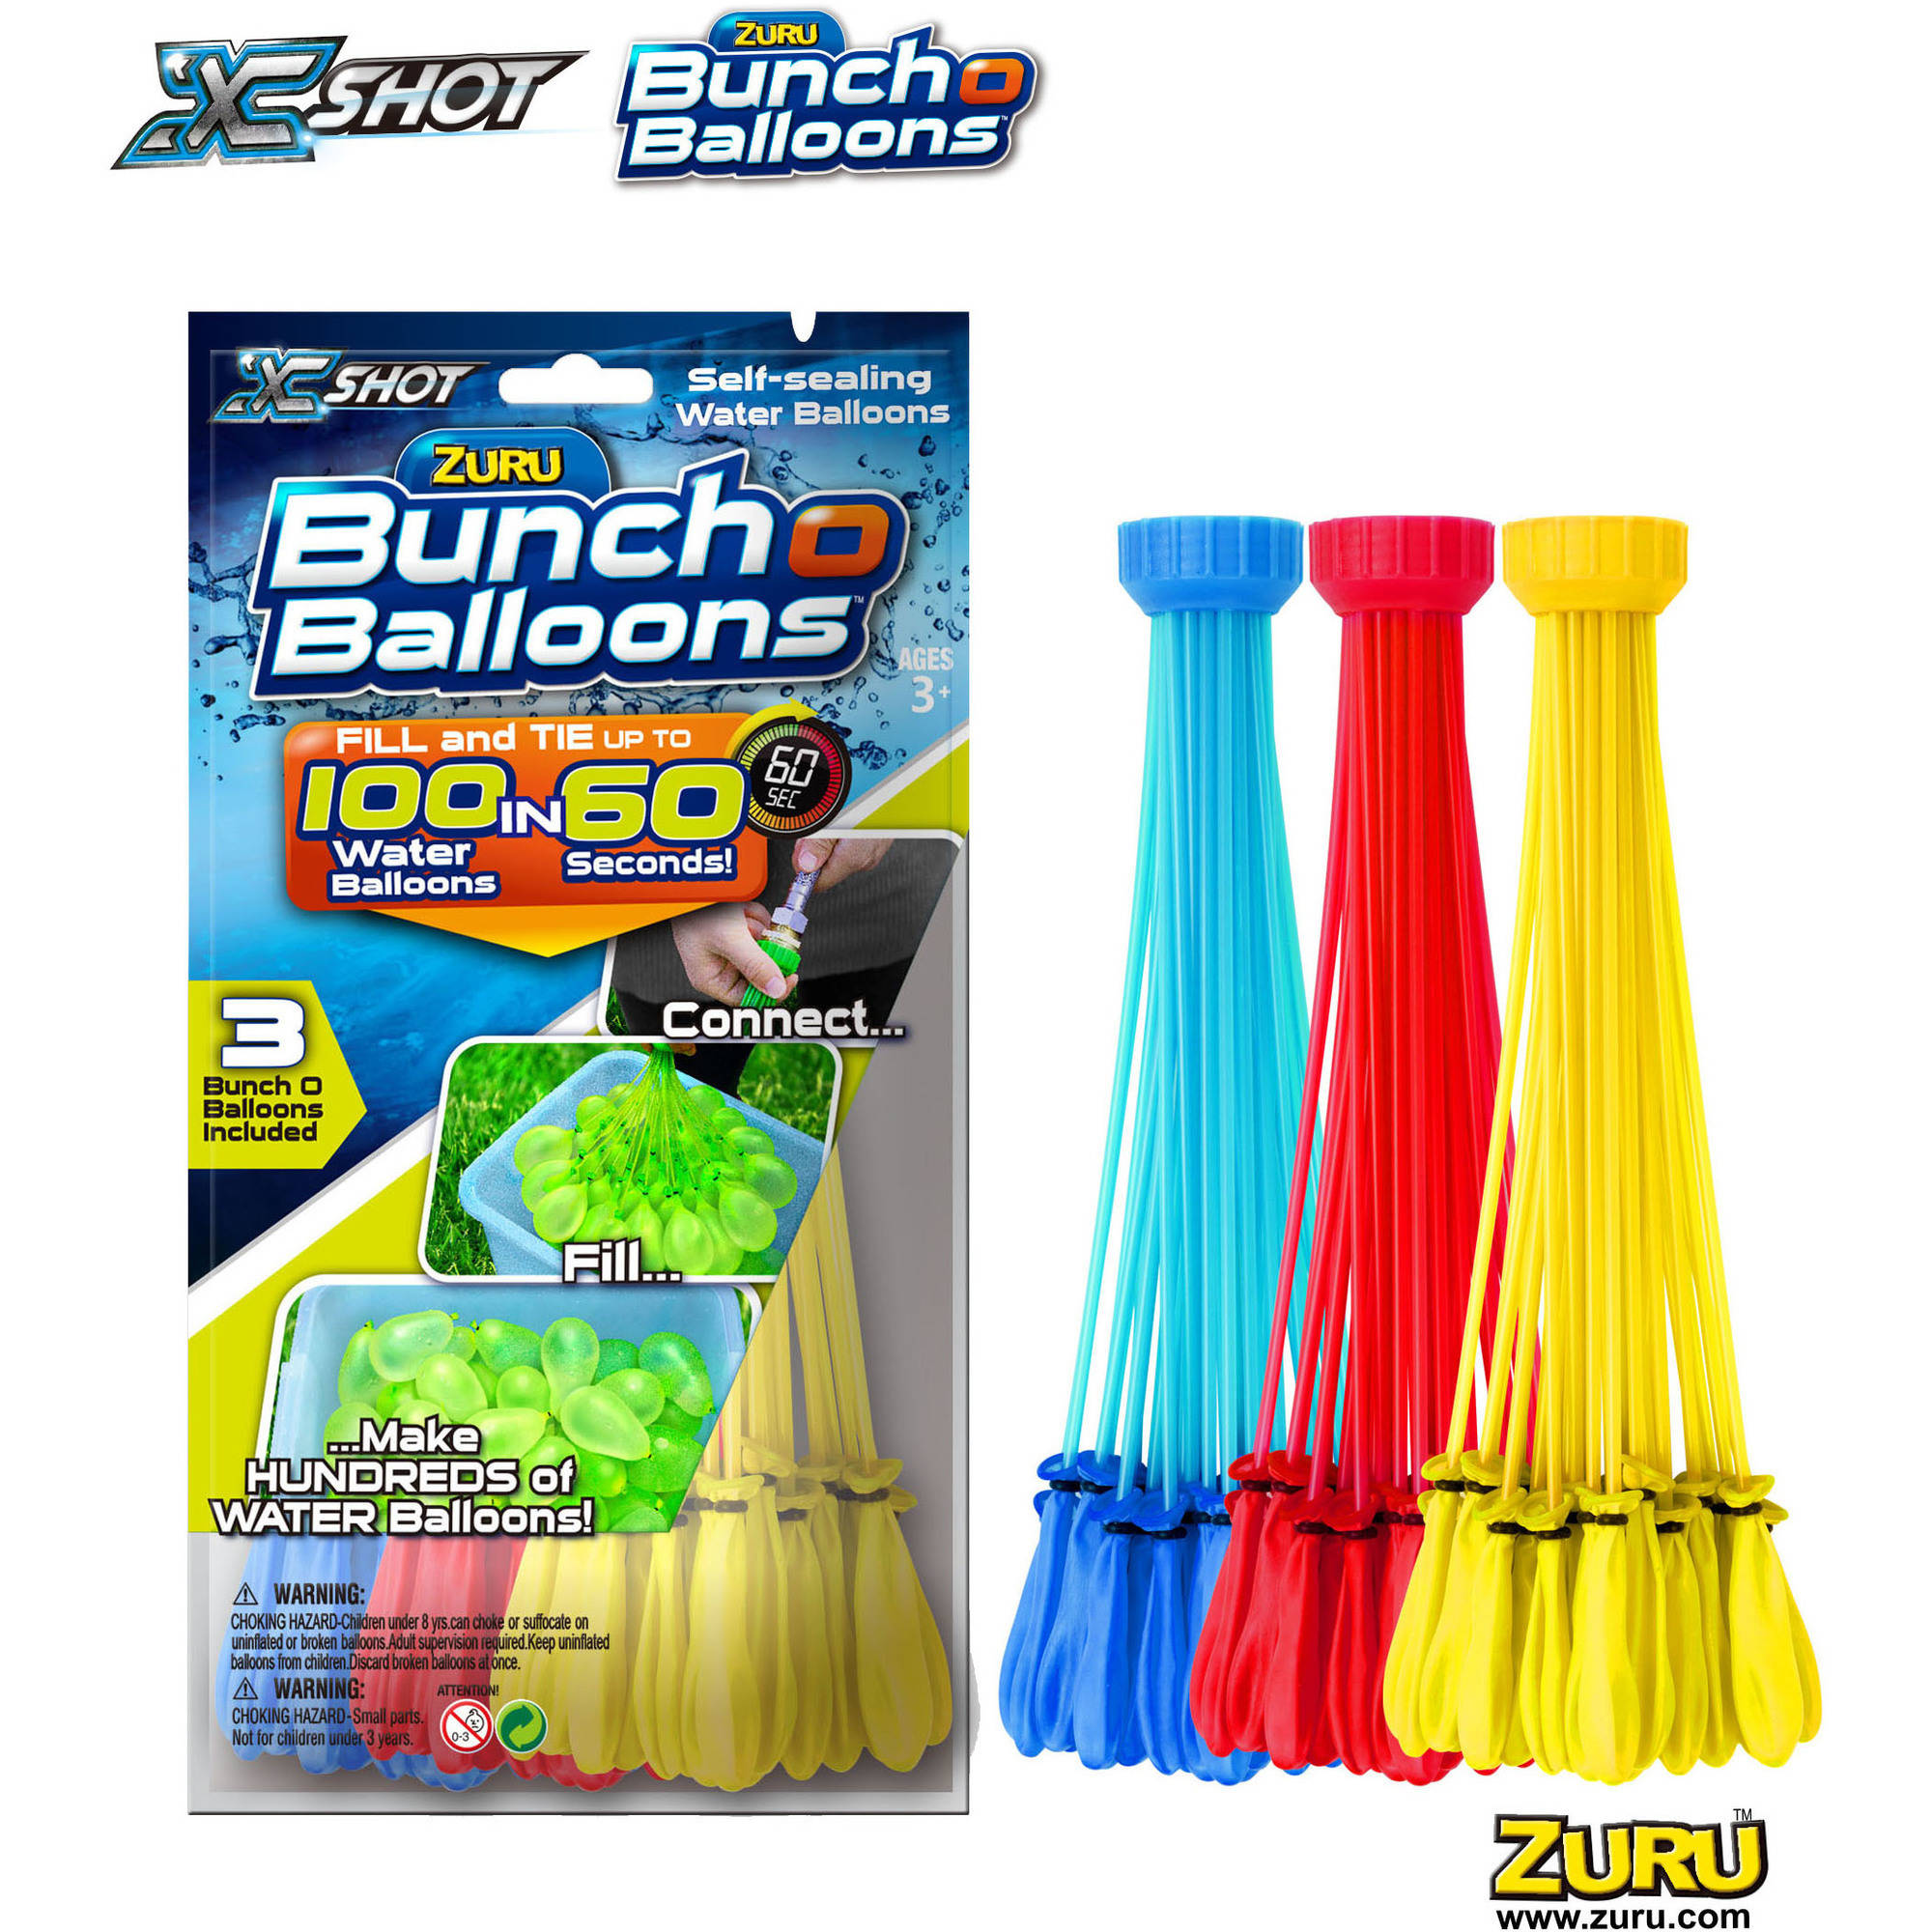 ZURU Bunch O Balloons 3-pack Foilbag (Mixed)